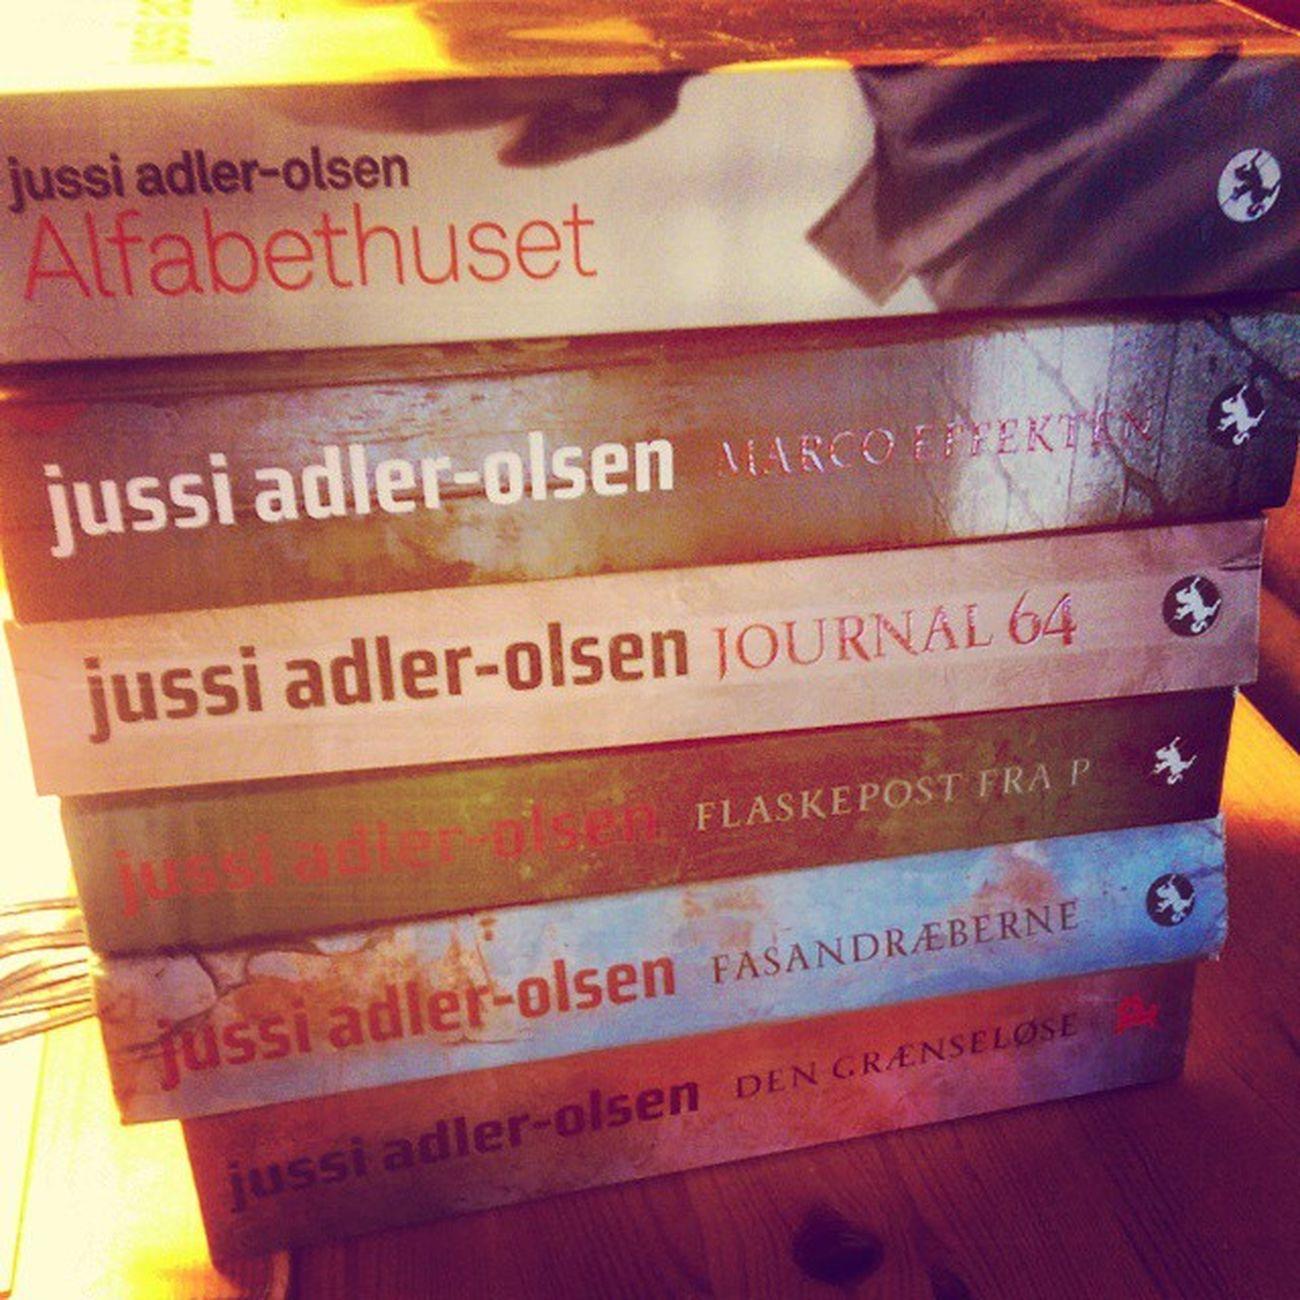 Lidt af samlingen.. Tror godt jeg kan kalde mig fan af Jussiadlerolsen .. Læsehest Efterår Books